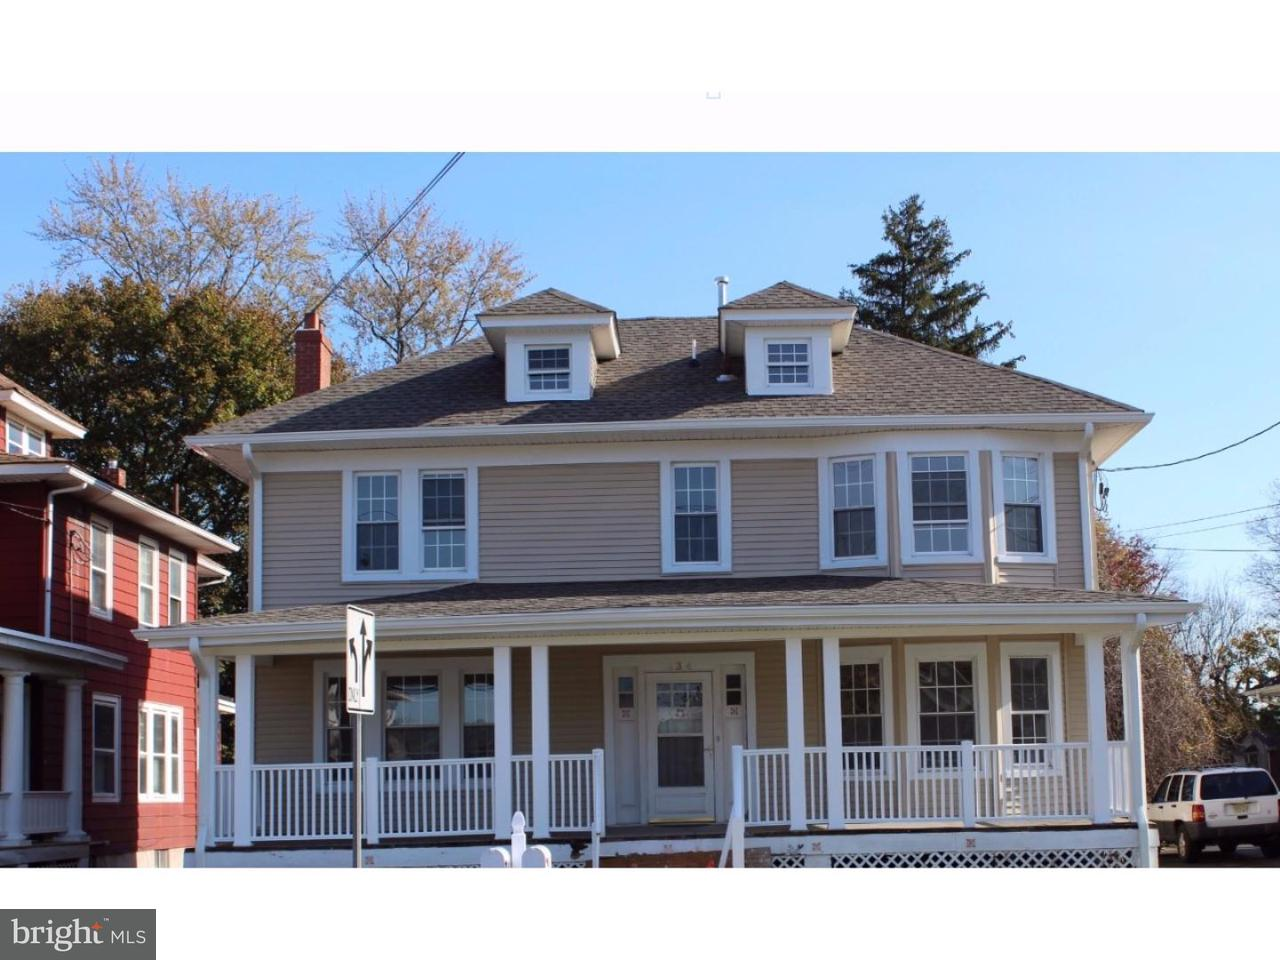 Частный односемейный дом для того Аренда на 134 KLOCKNER RD #2 Hamilton, Нью-Джерси 08619 Соединенные ШтатыВ/Около: Hamilton Township